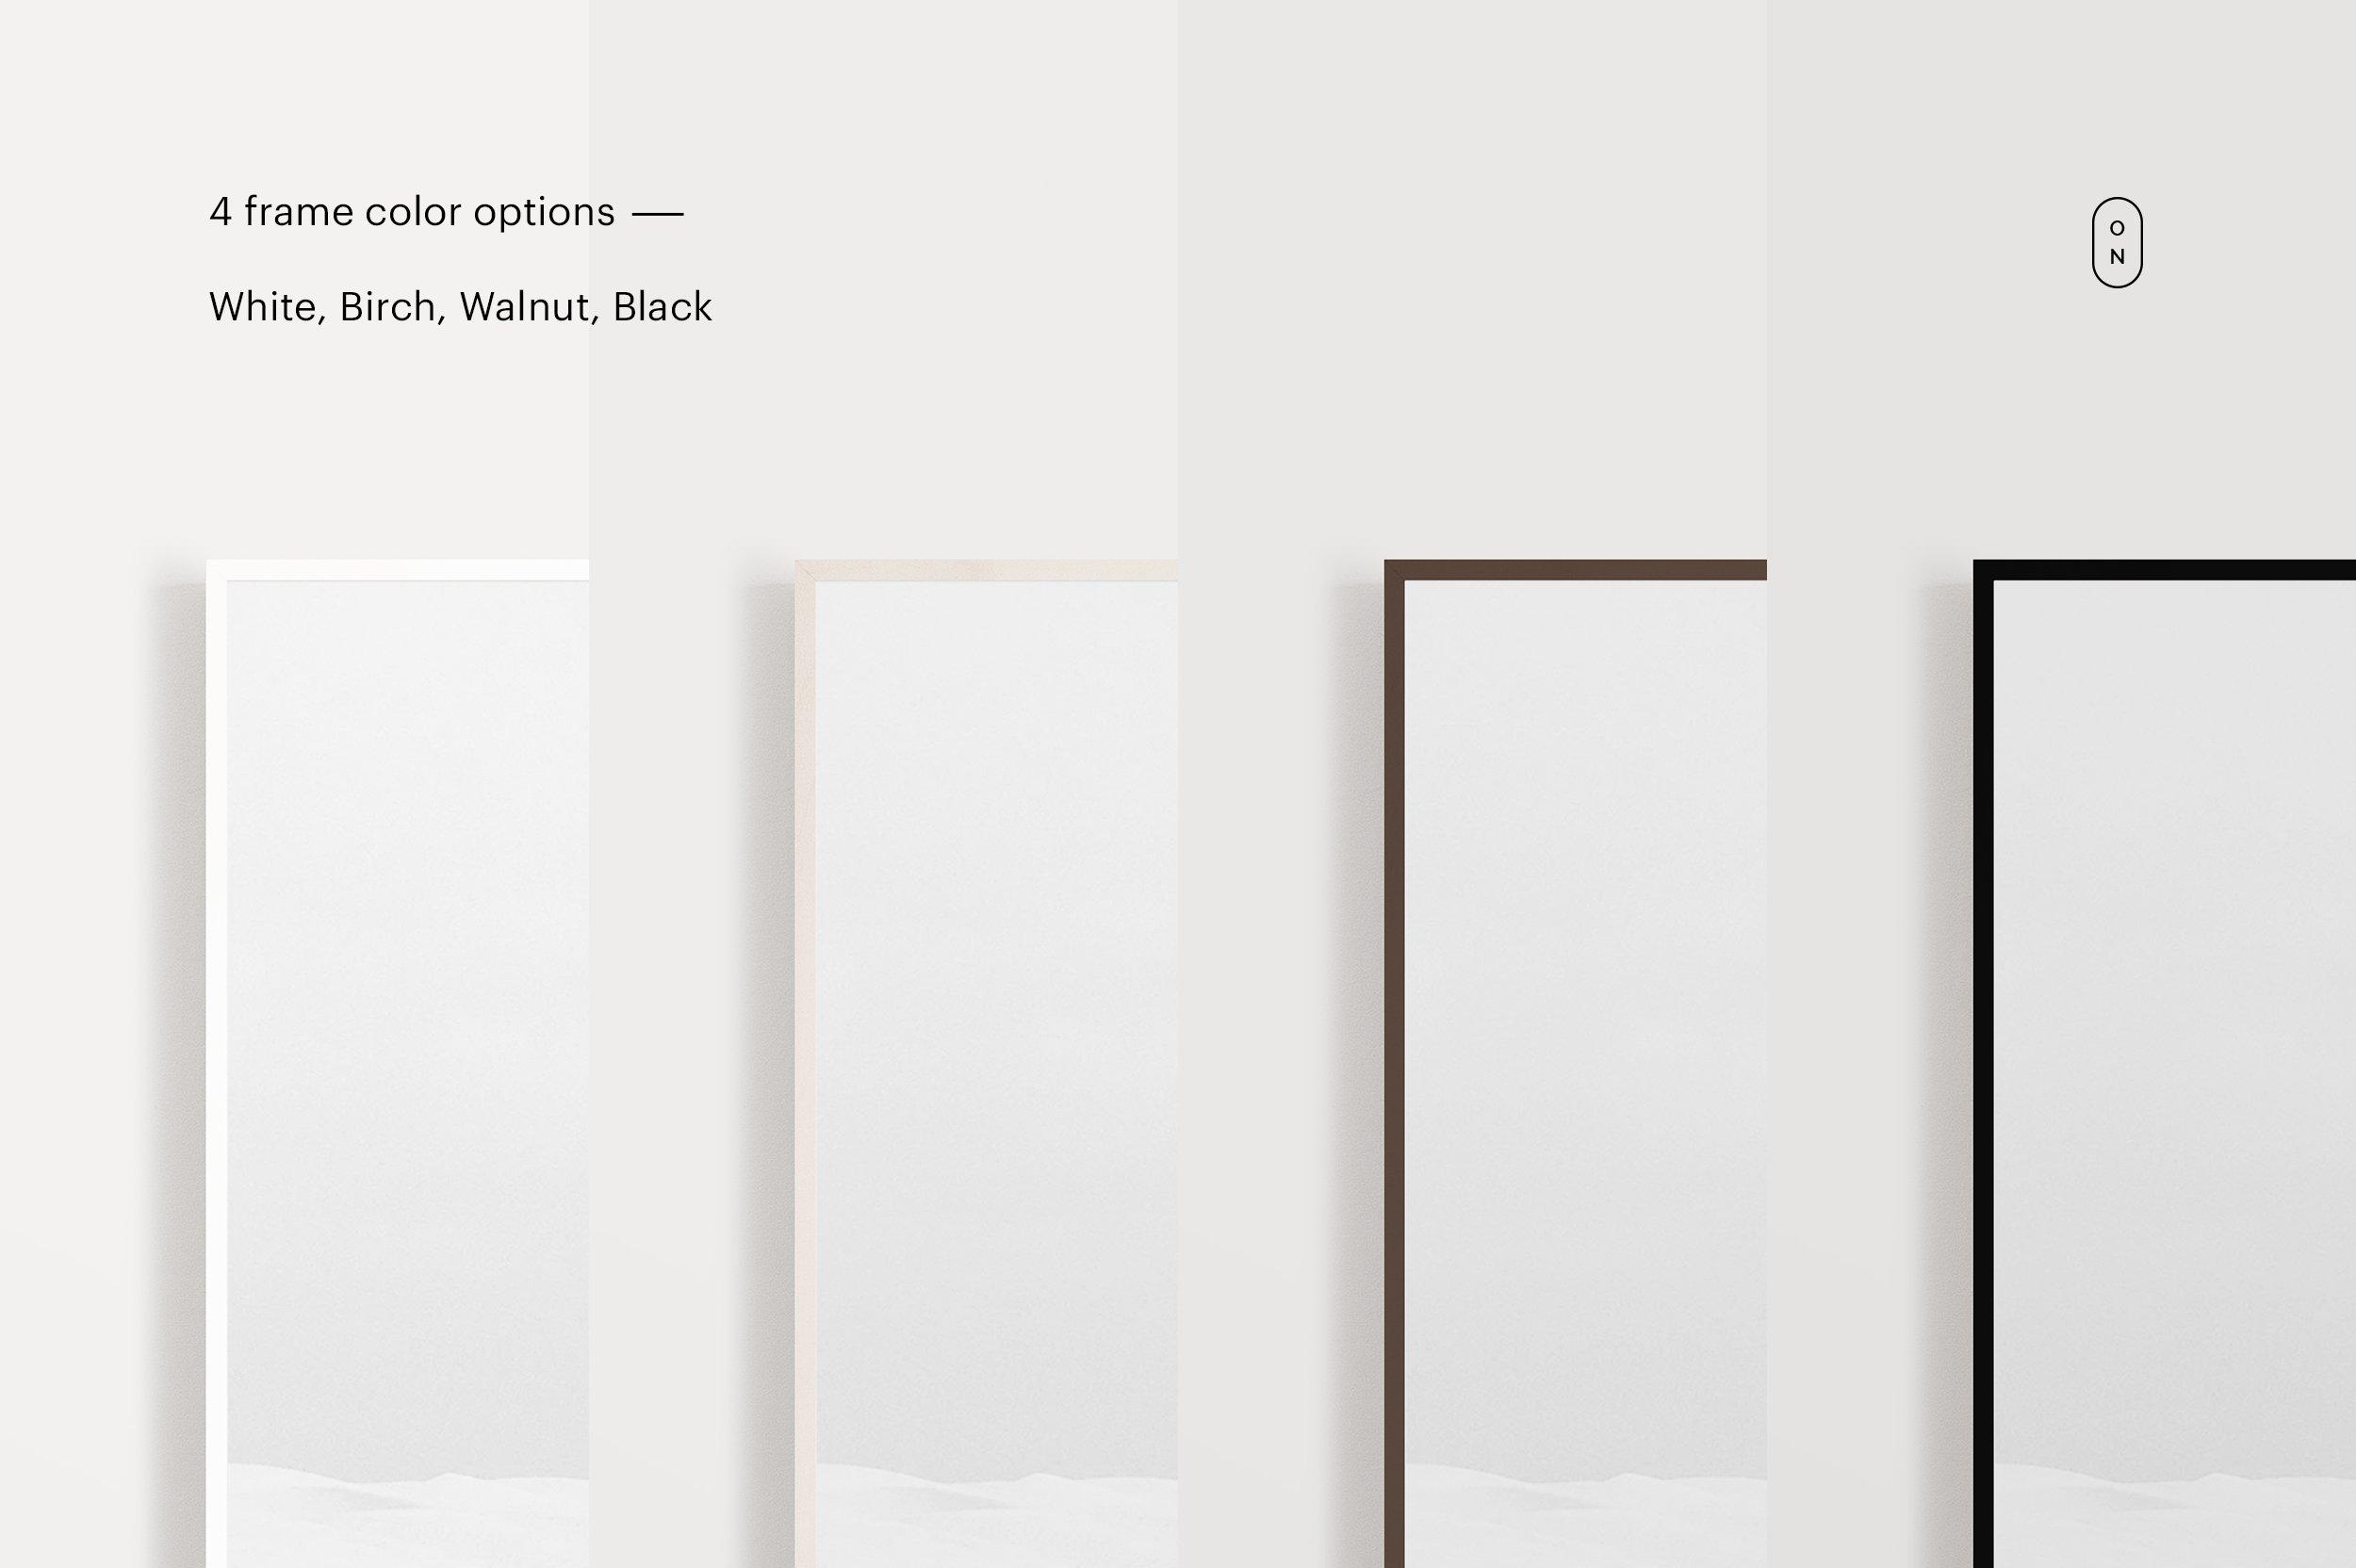 相框绿植展示样机 Frame Mockup Kit 3-Pack